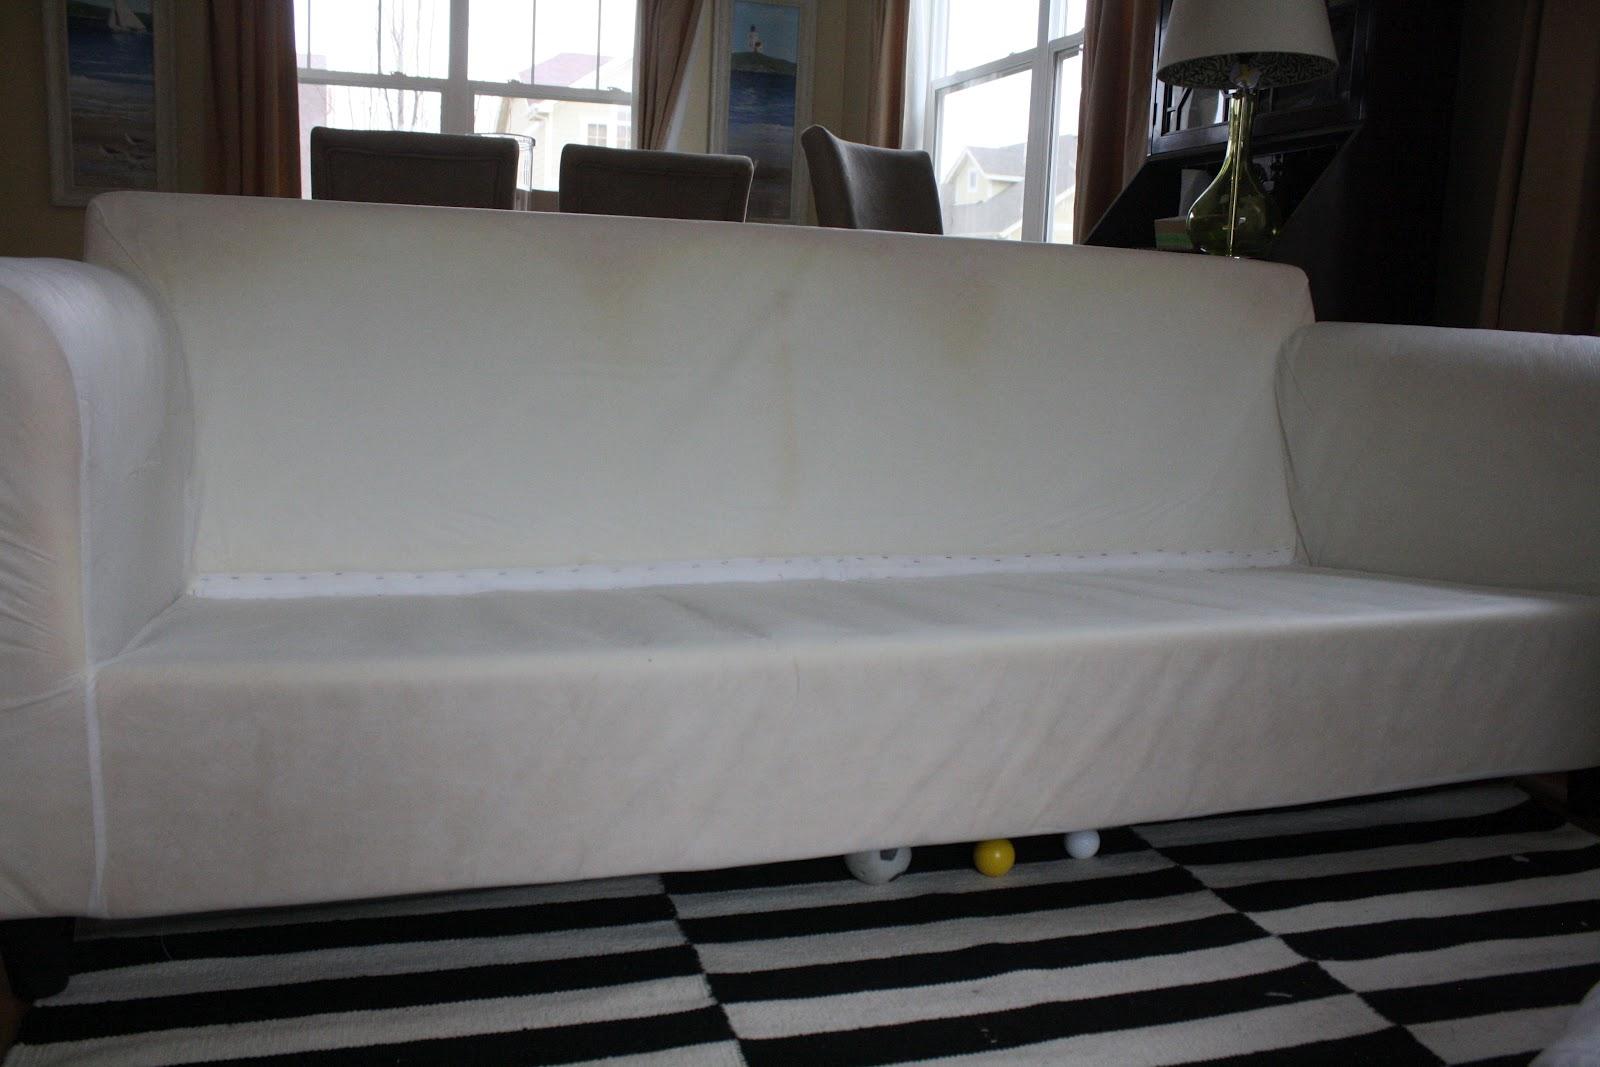 Washing White Slipcovers